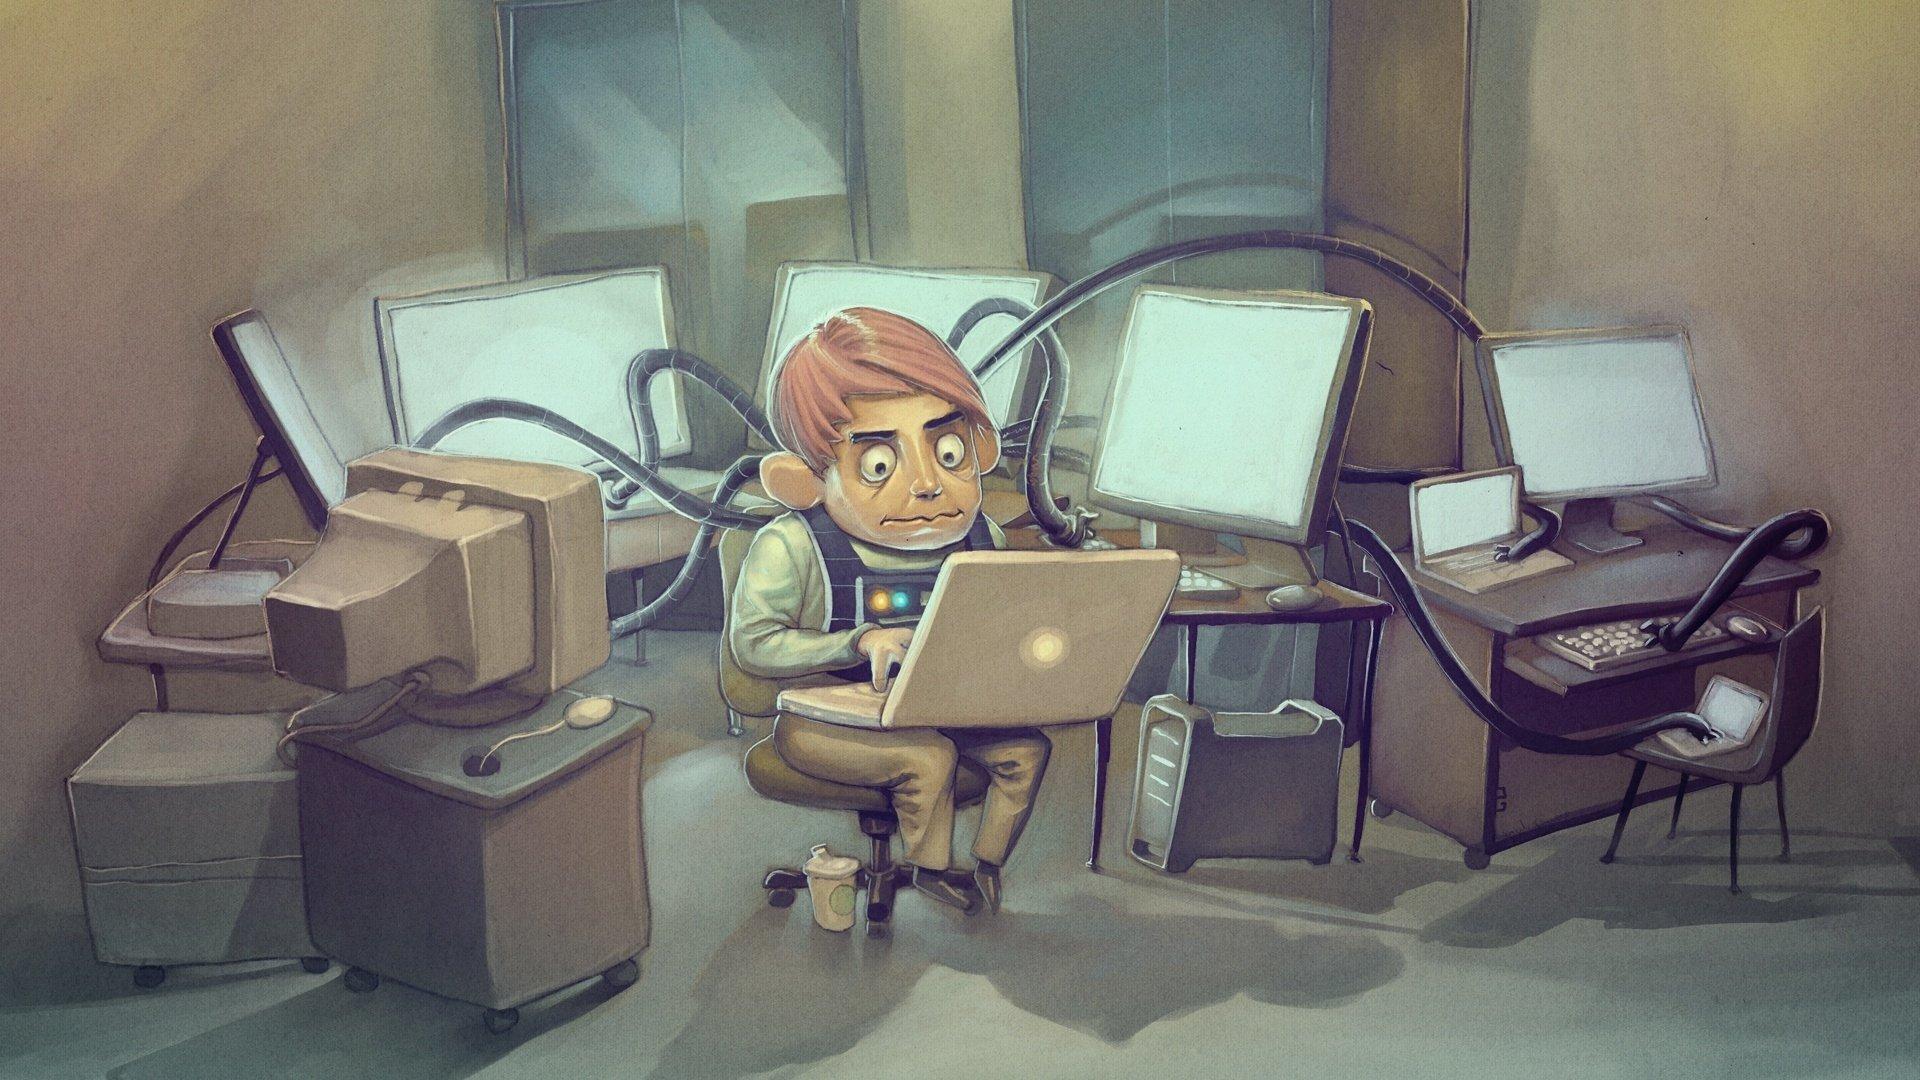 Надписью, прикольные картинки компьютер и человека